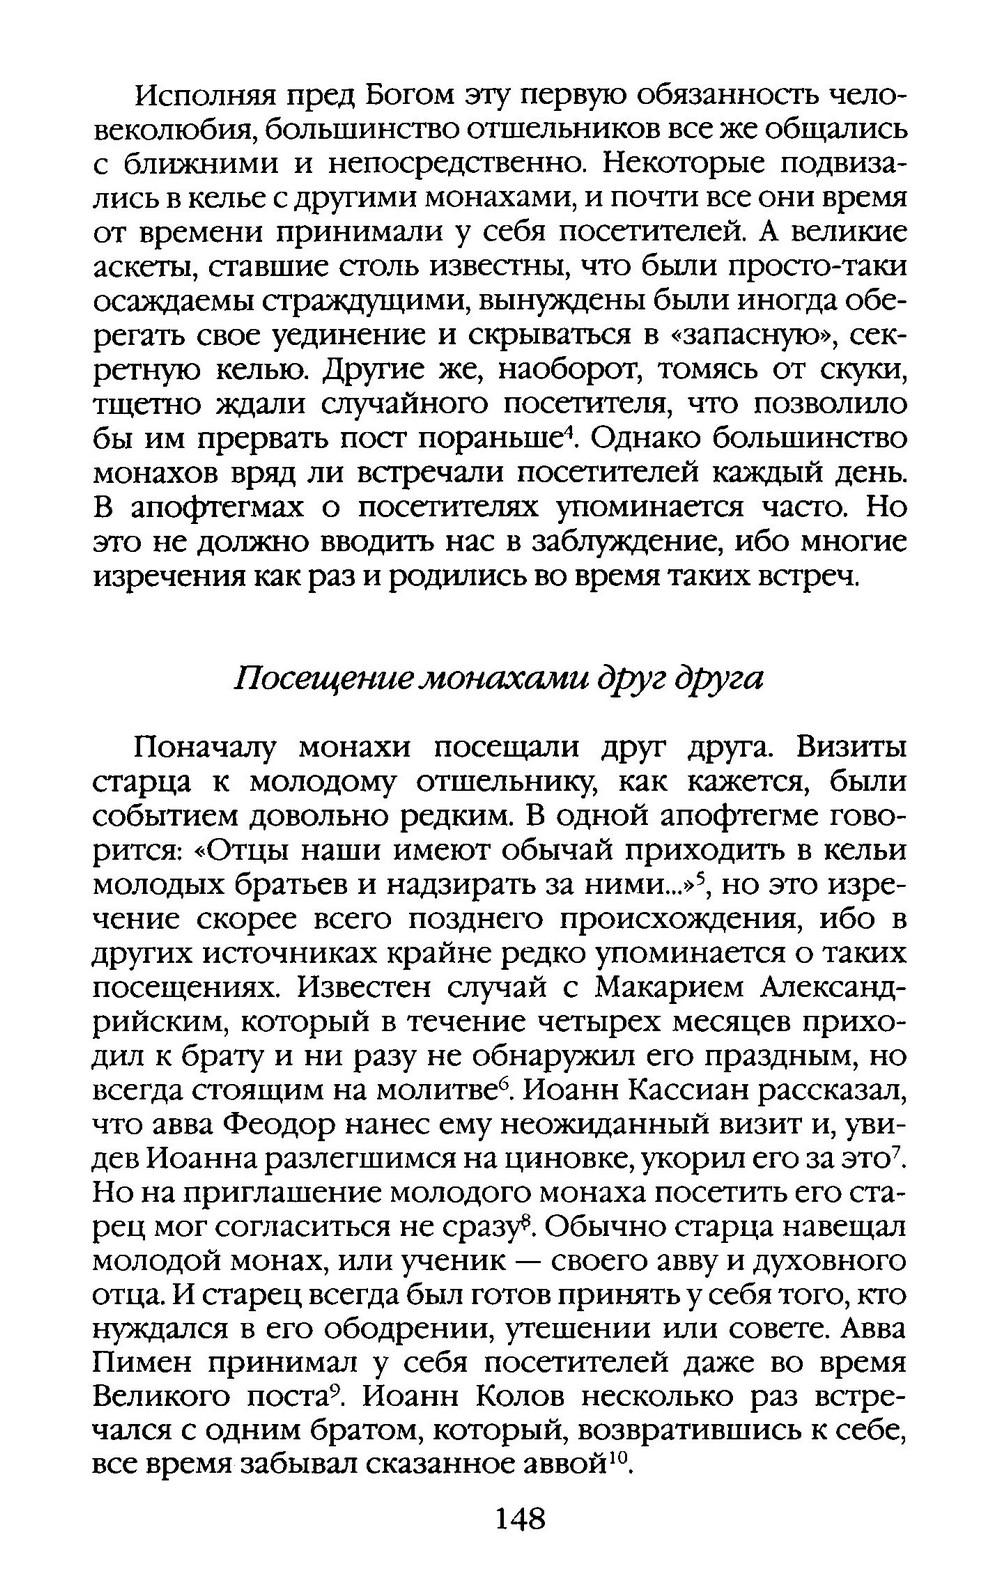 http://images.vfl.ru/ii/1363957569/0ec347a8/1992300.jpg